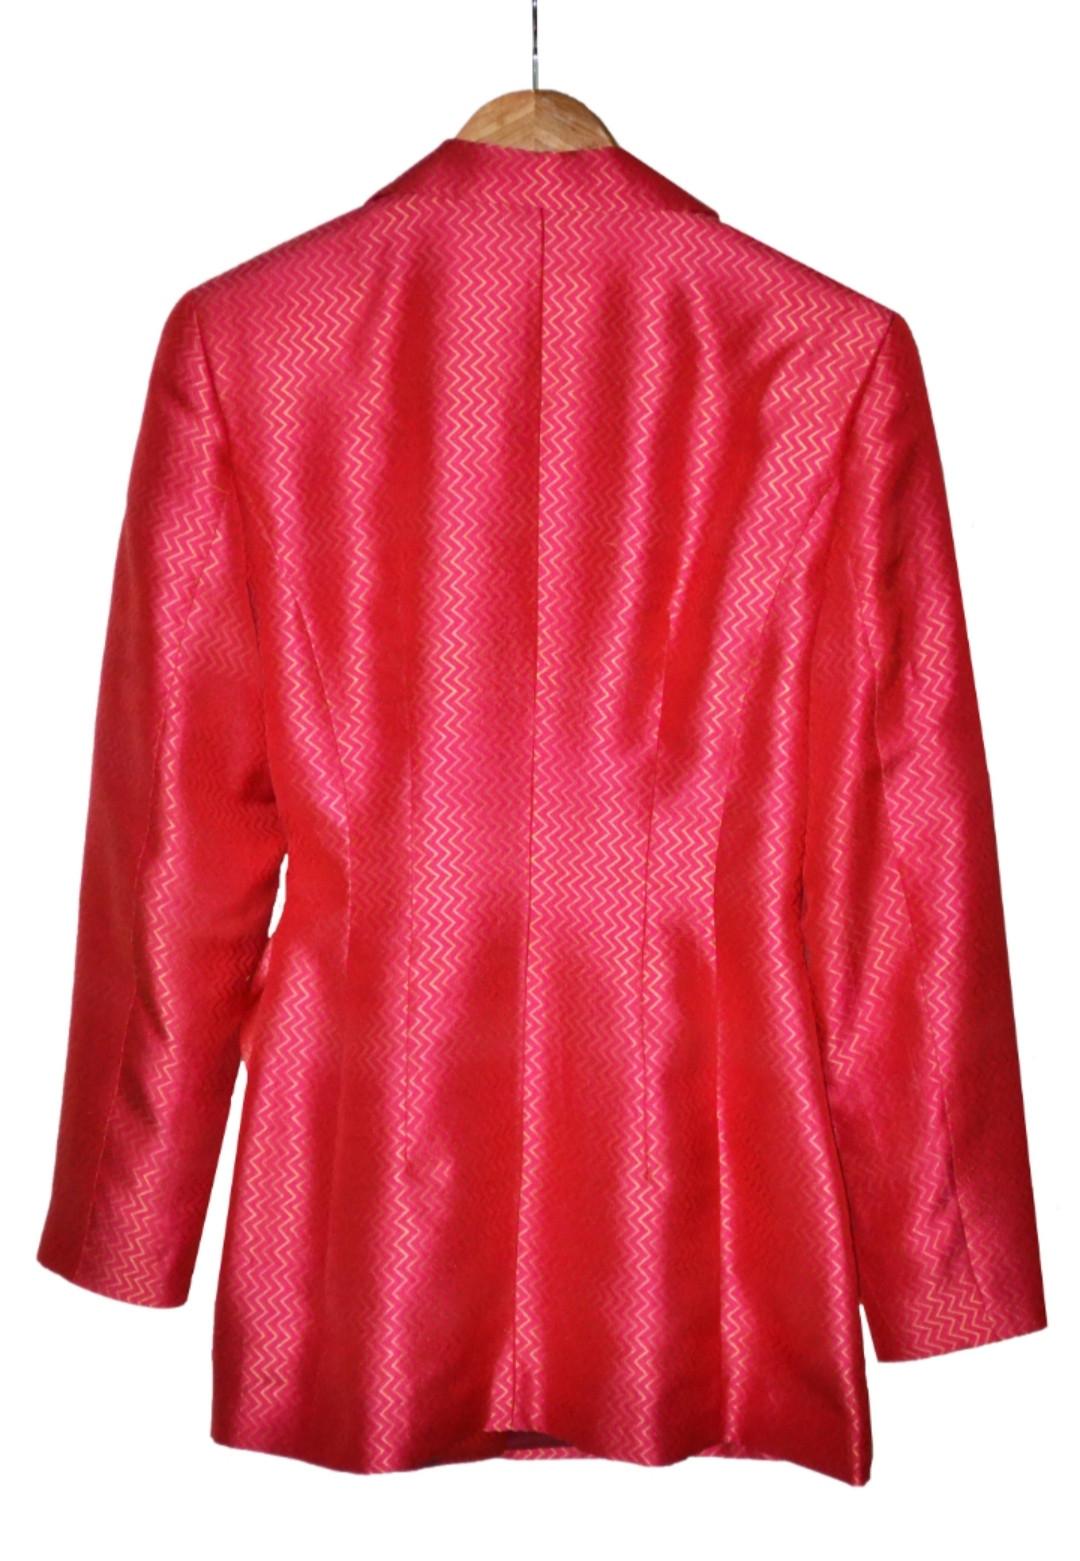 Jedwabny żakardowy garnitur w kolorze malinowym - KEX Vintage Store | JestemSlow.pl